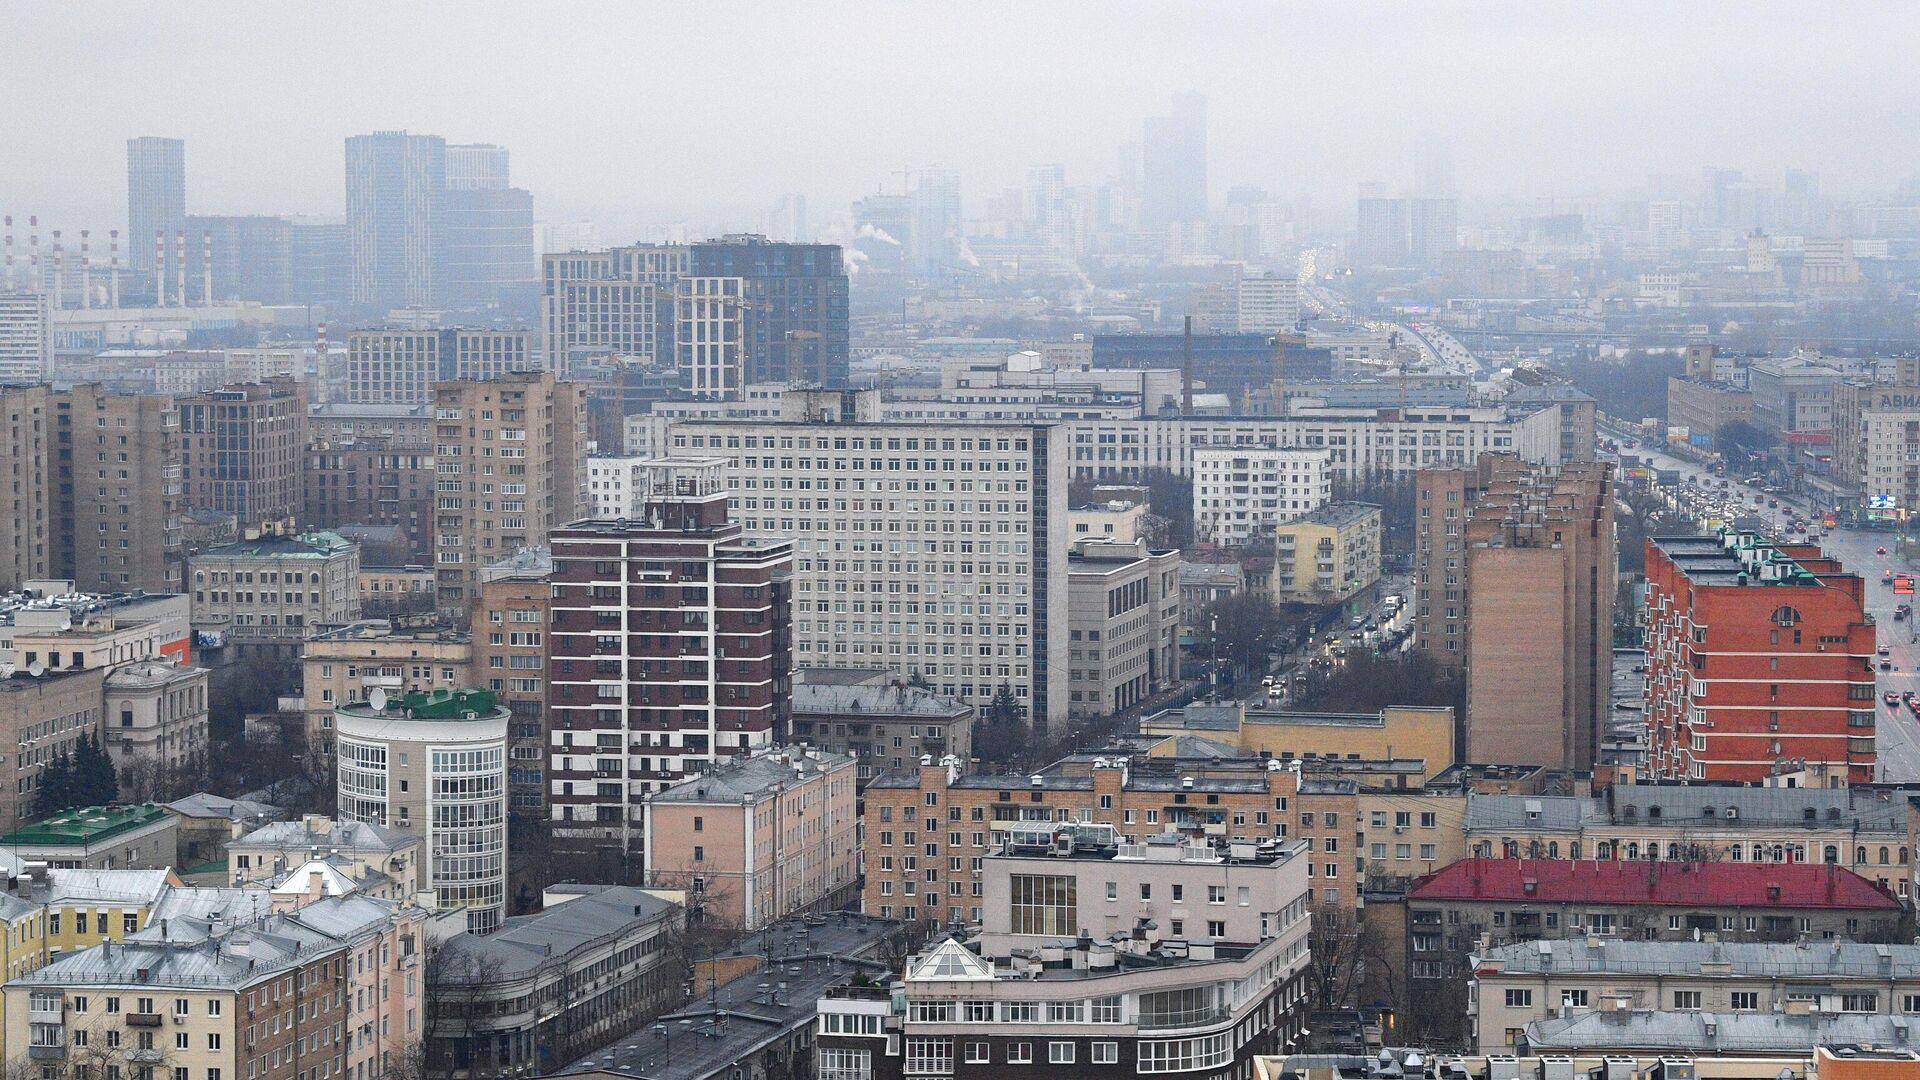 Вид на жилые дома с высотки на Кудринской площади в Москве - РИА Новости, 1920, 01.01.2020